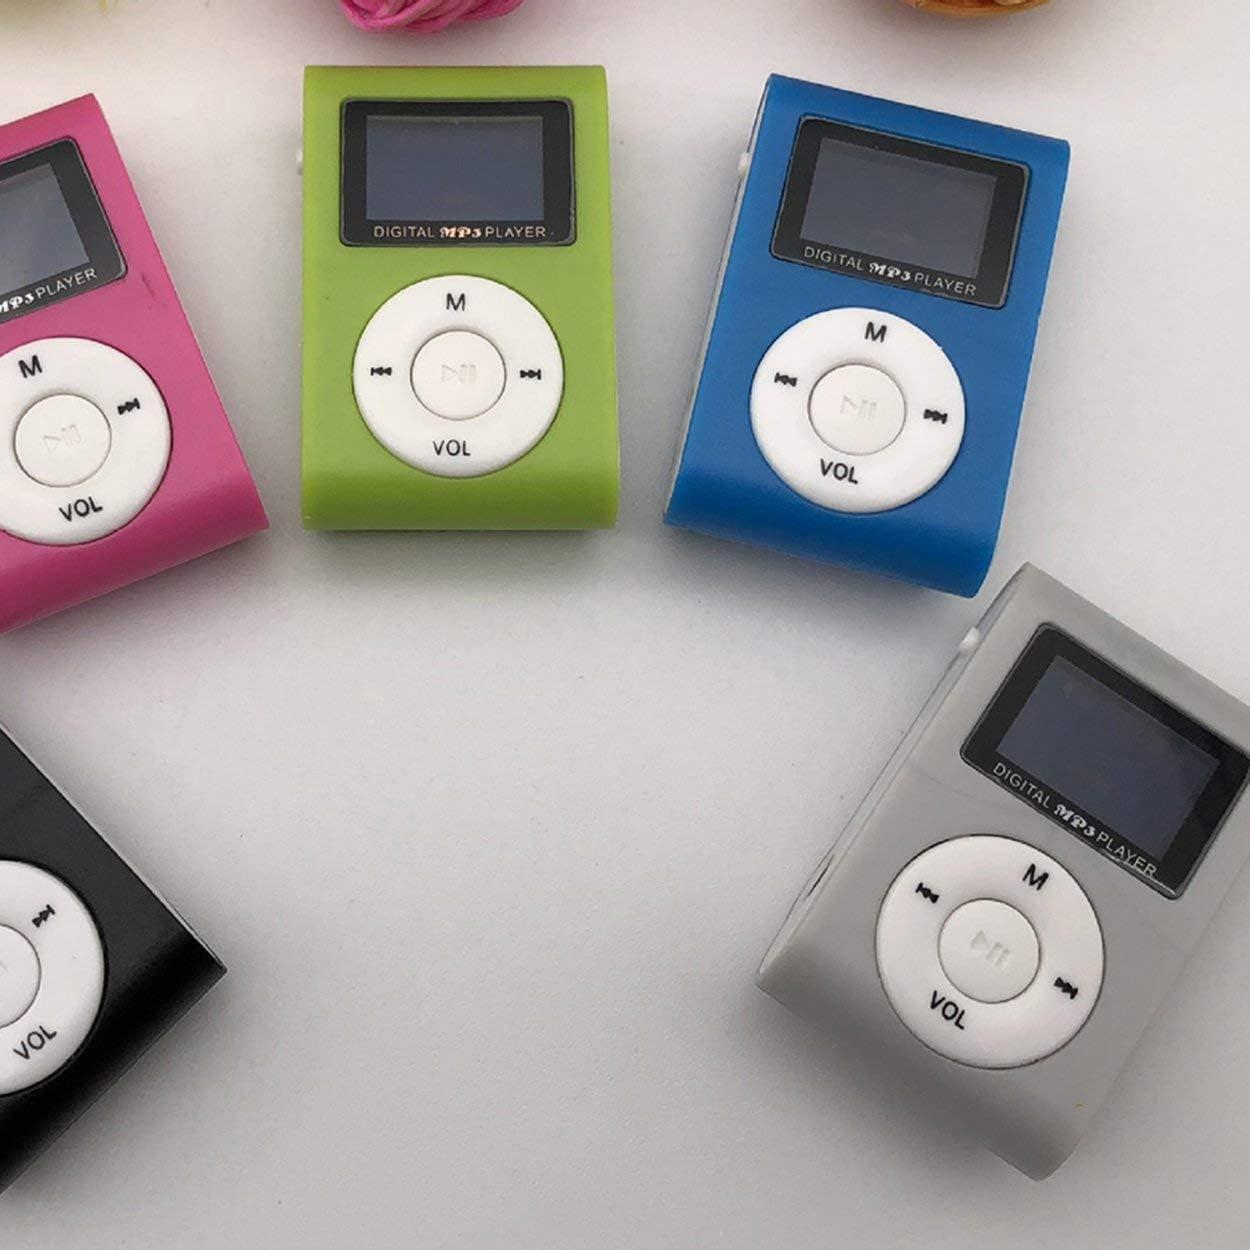 Lodenlli Reproductor de MP3 de tama/ño peque/ño Mini Pantalla LCD Reproductor de MP3 Reproductor de m/úsica Soporte para Tarjeta TF de 32GB